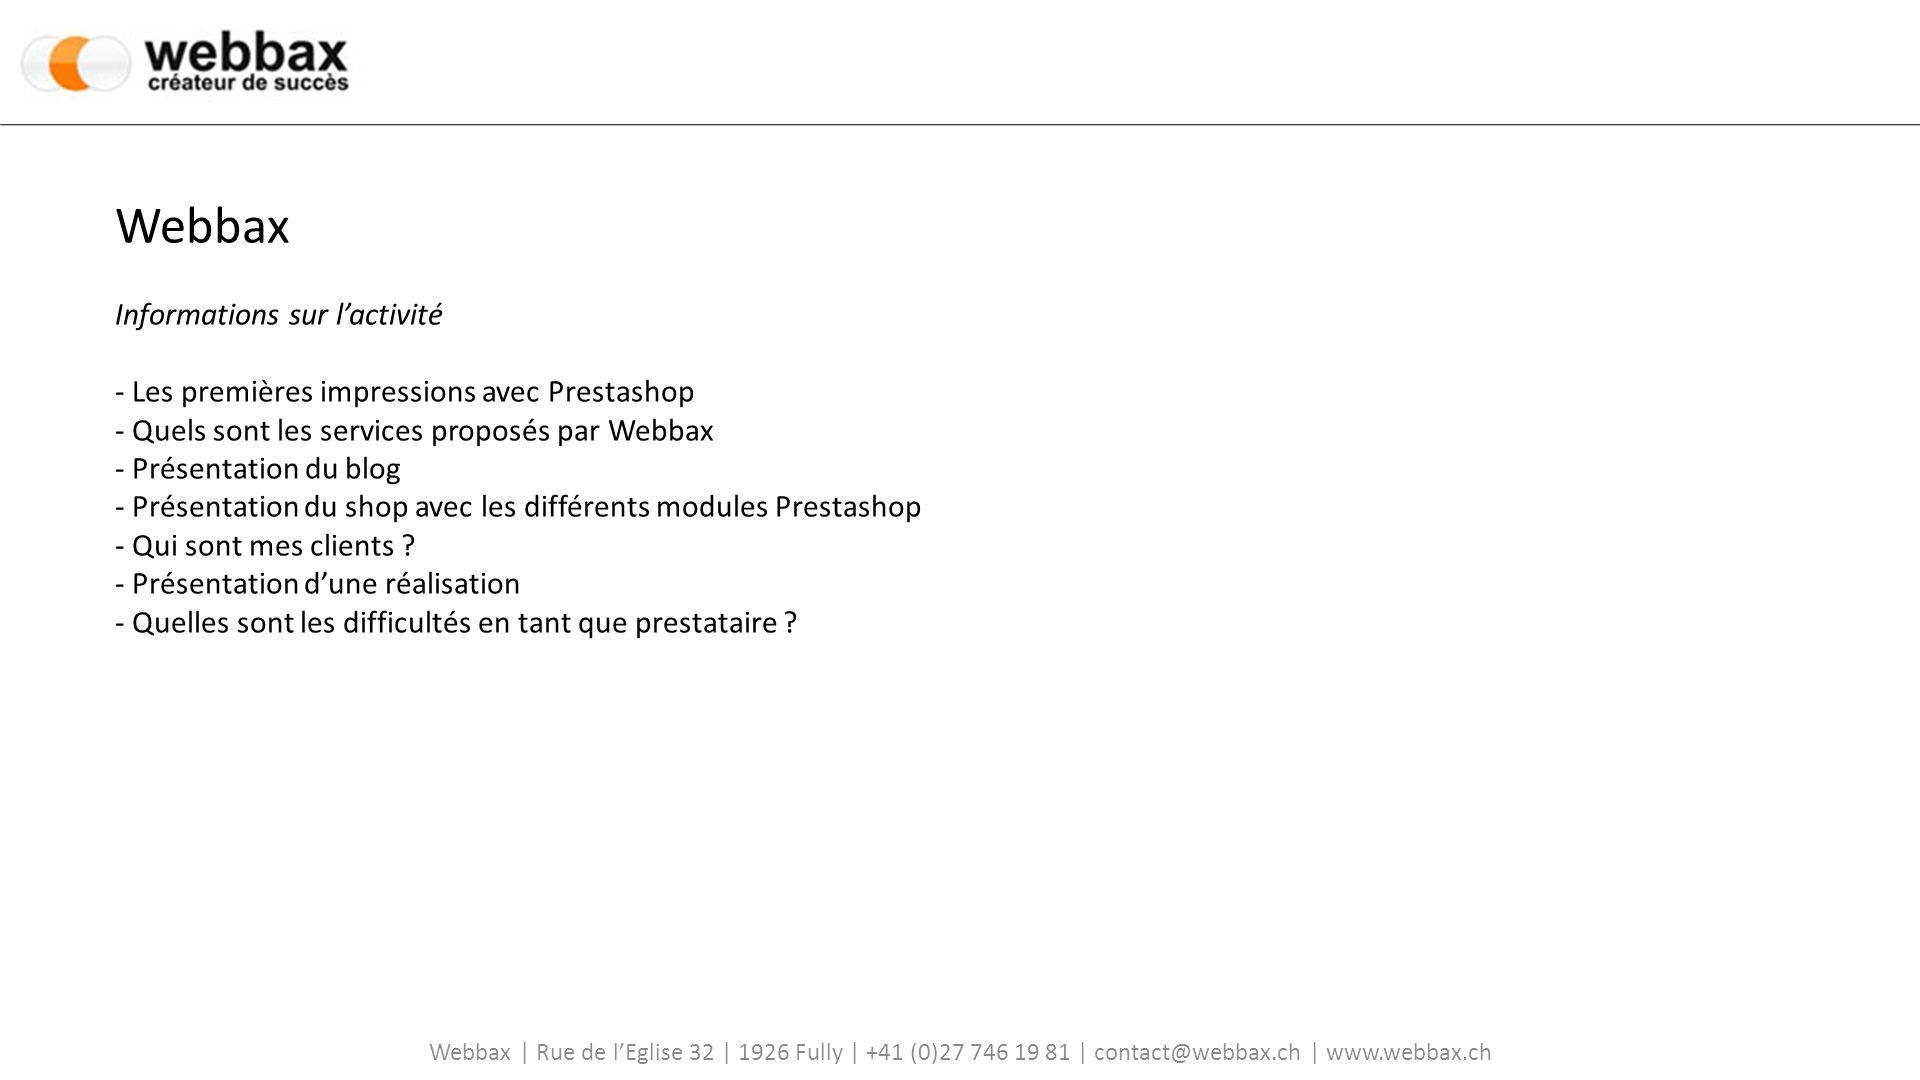 Webbax Informations sur l'activité - Les premières impressions avec Prestashop - Quels sont les services proposés par Webbax